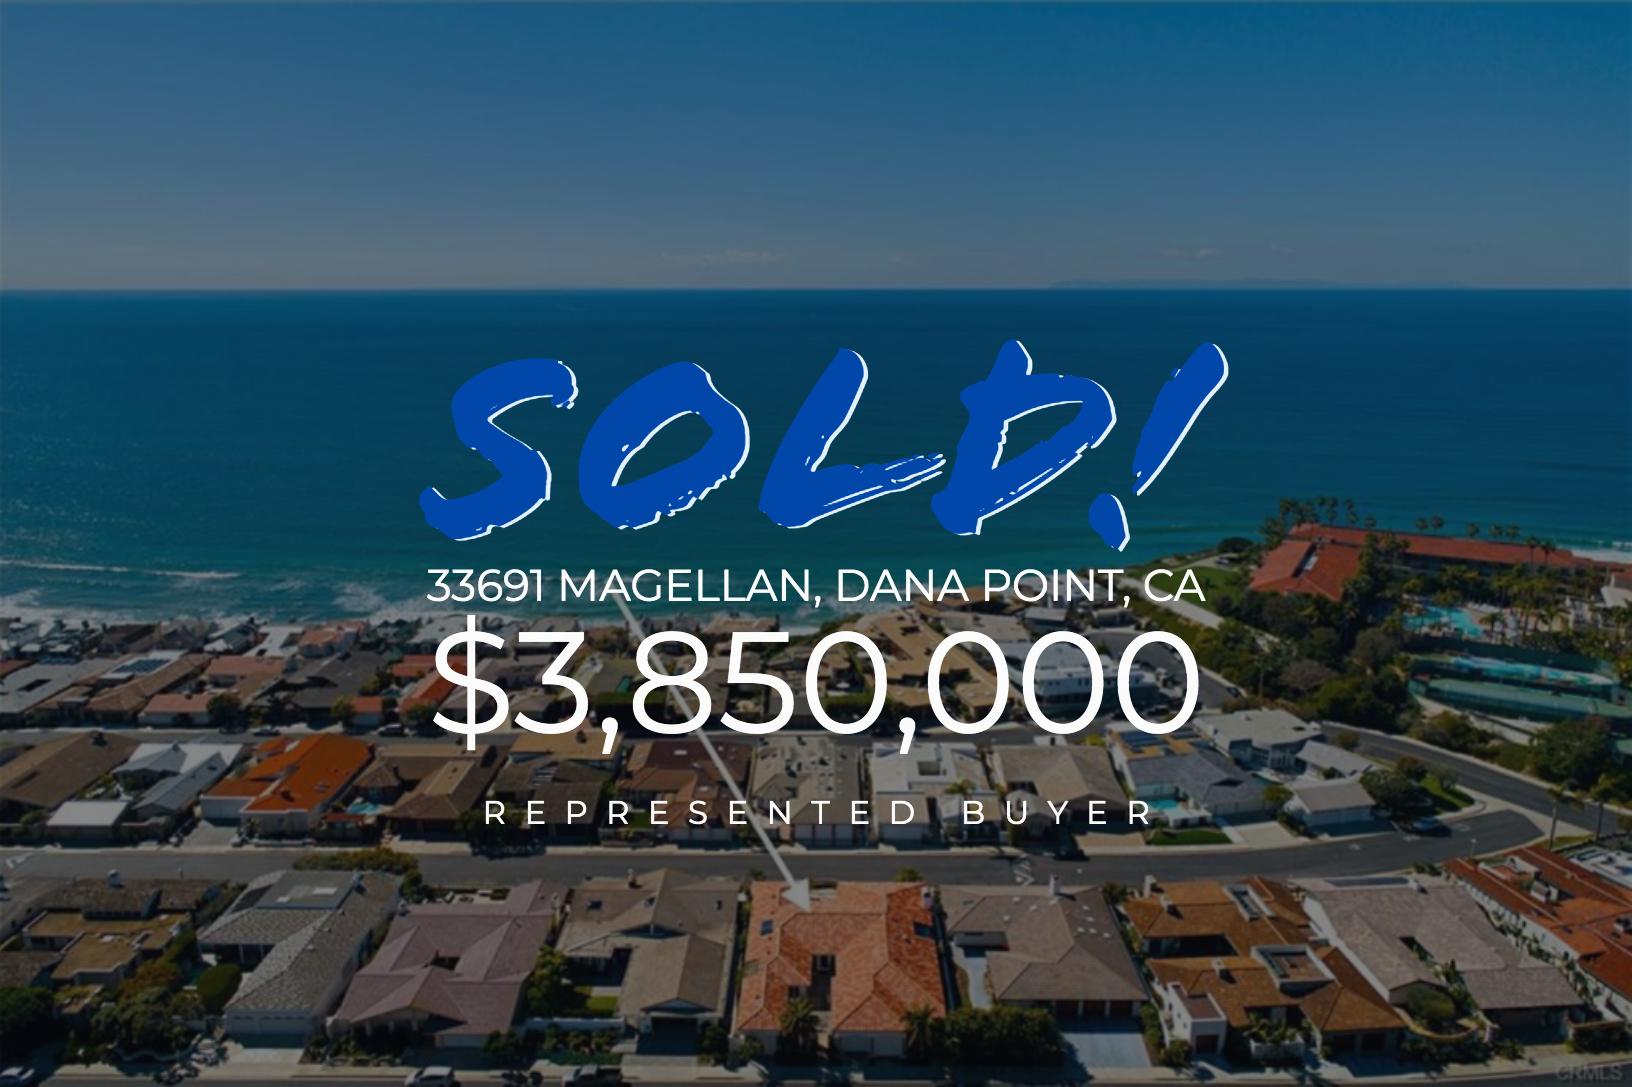 Sold With Matt Blashaw 33691 Magellan in Dana Point, CA